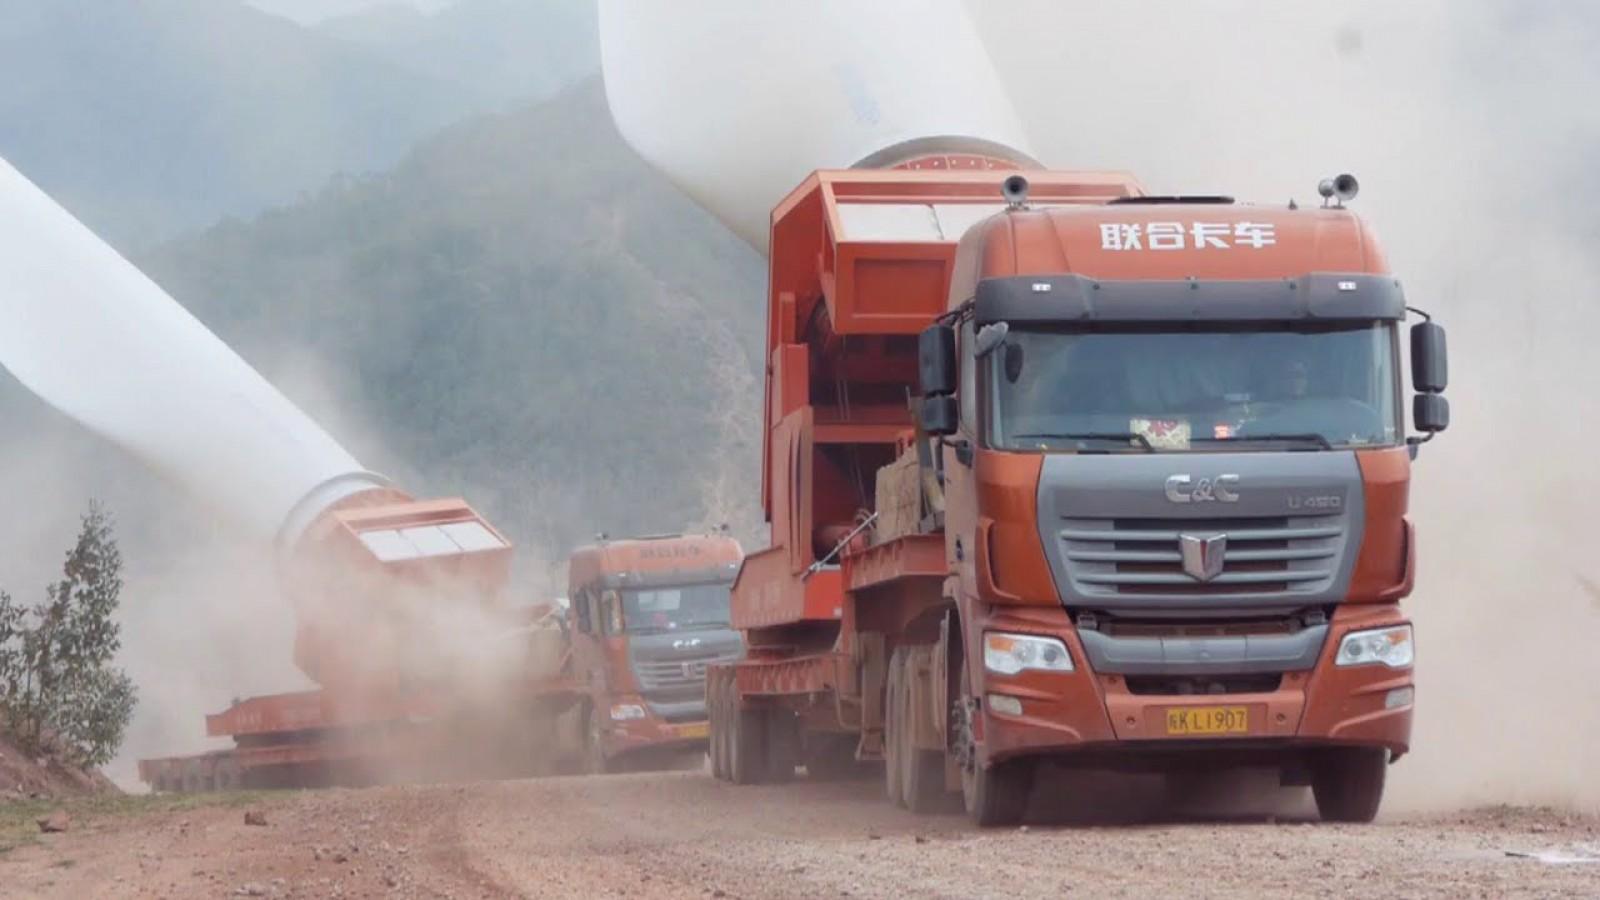 (video) Doar şoferii cu cea mai mare acurateţe pot transporta elici de turbine eoline de 57 de metri lungime